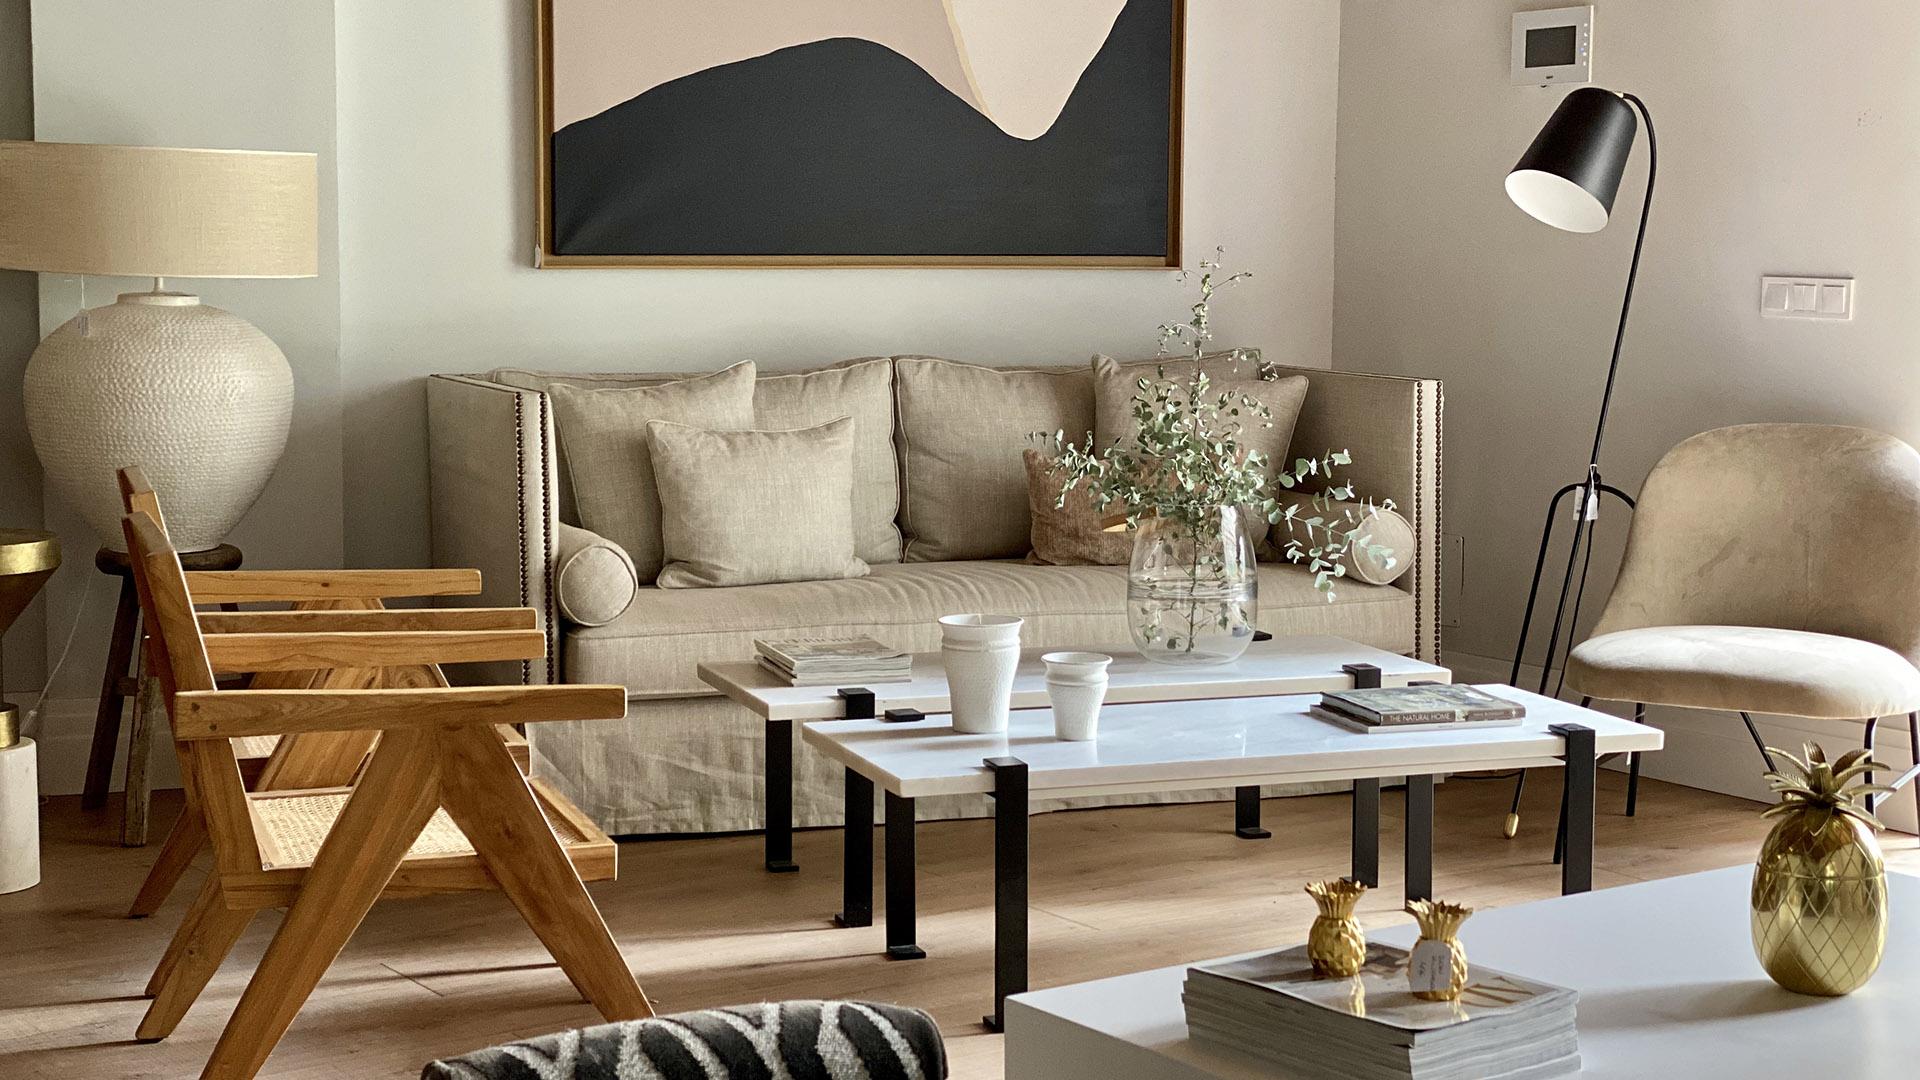 DECOLAB: Mobiliario, decoración y proyectos a medida